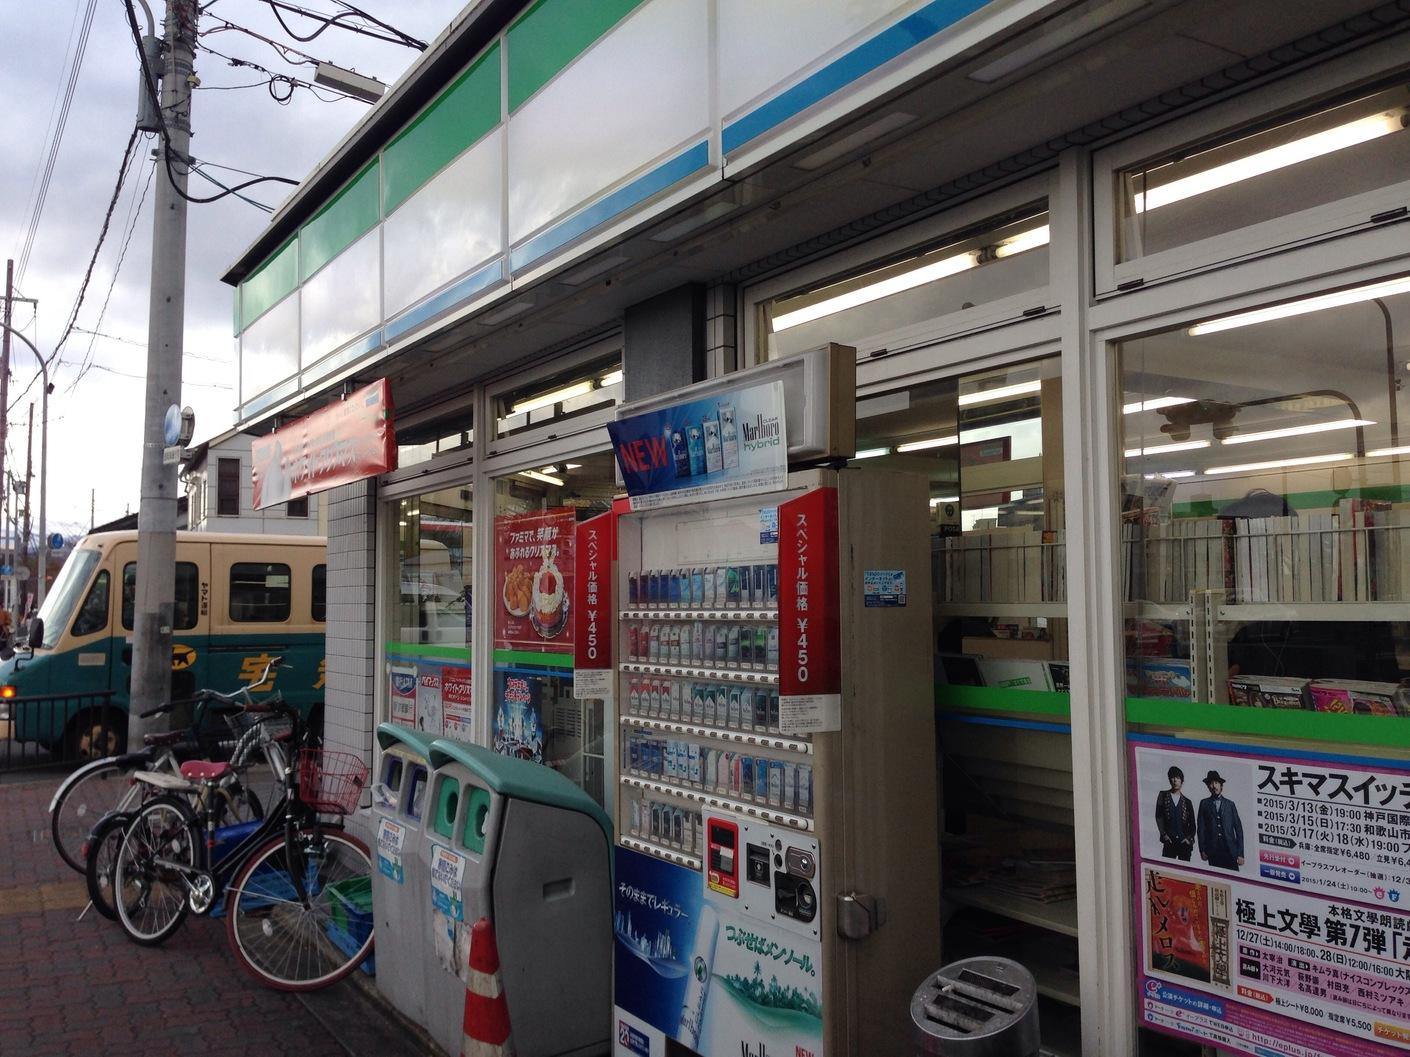 ファミリーマート 賀茂大橋店